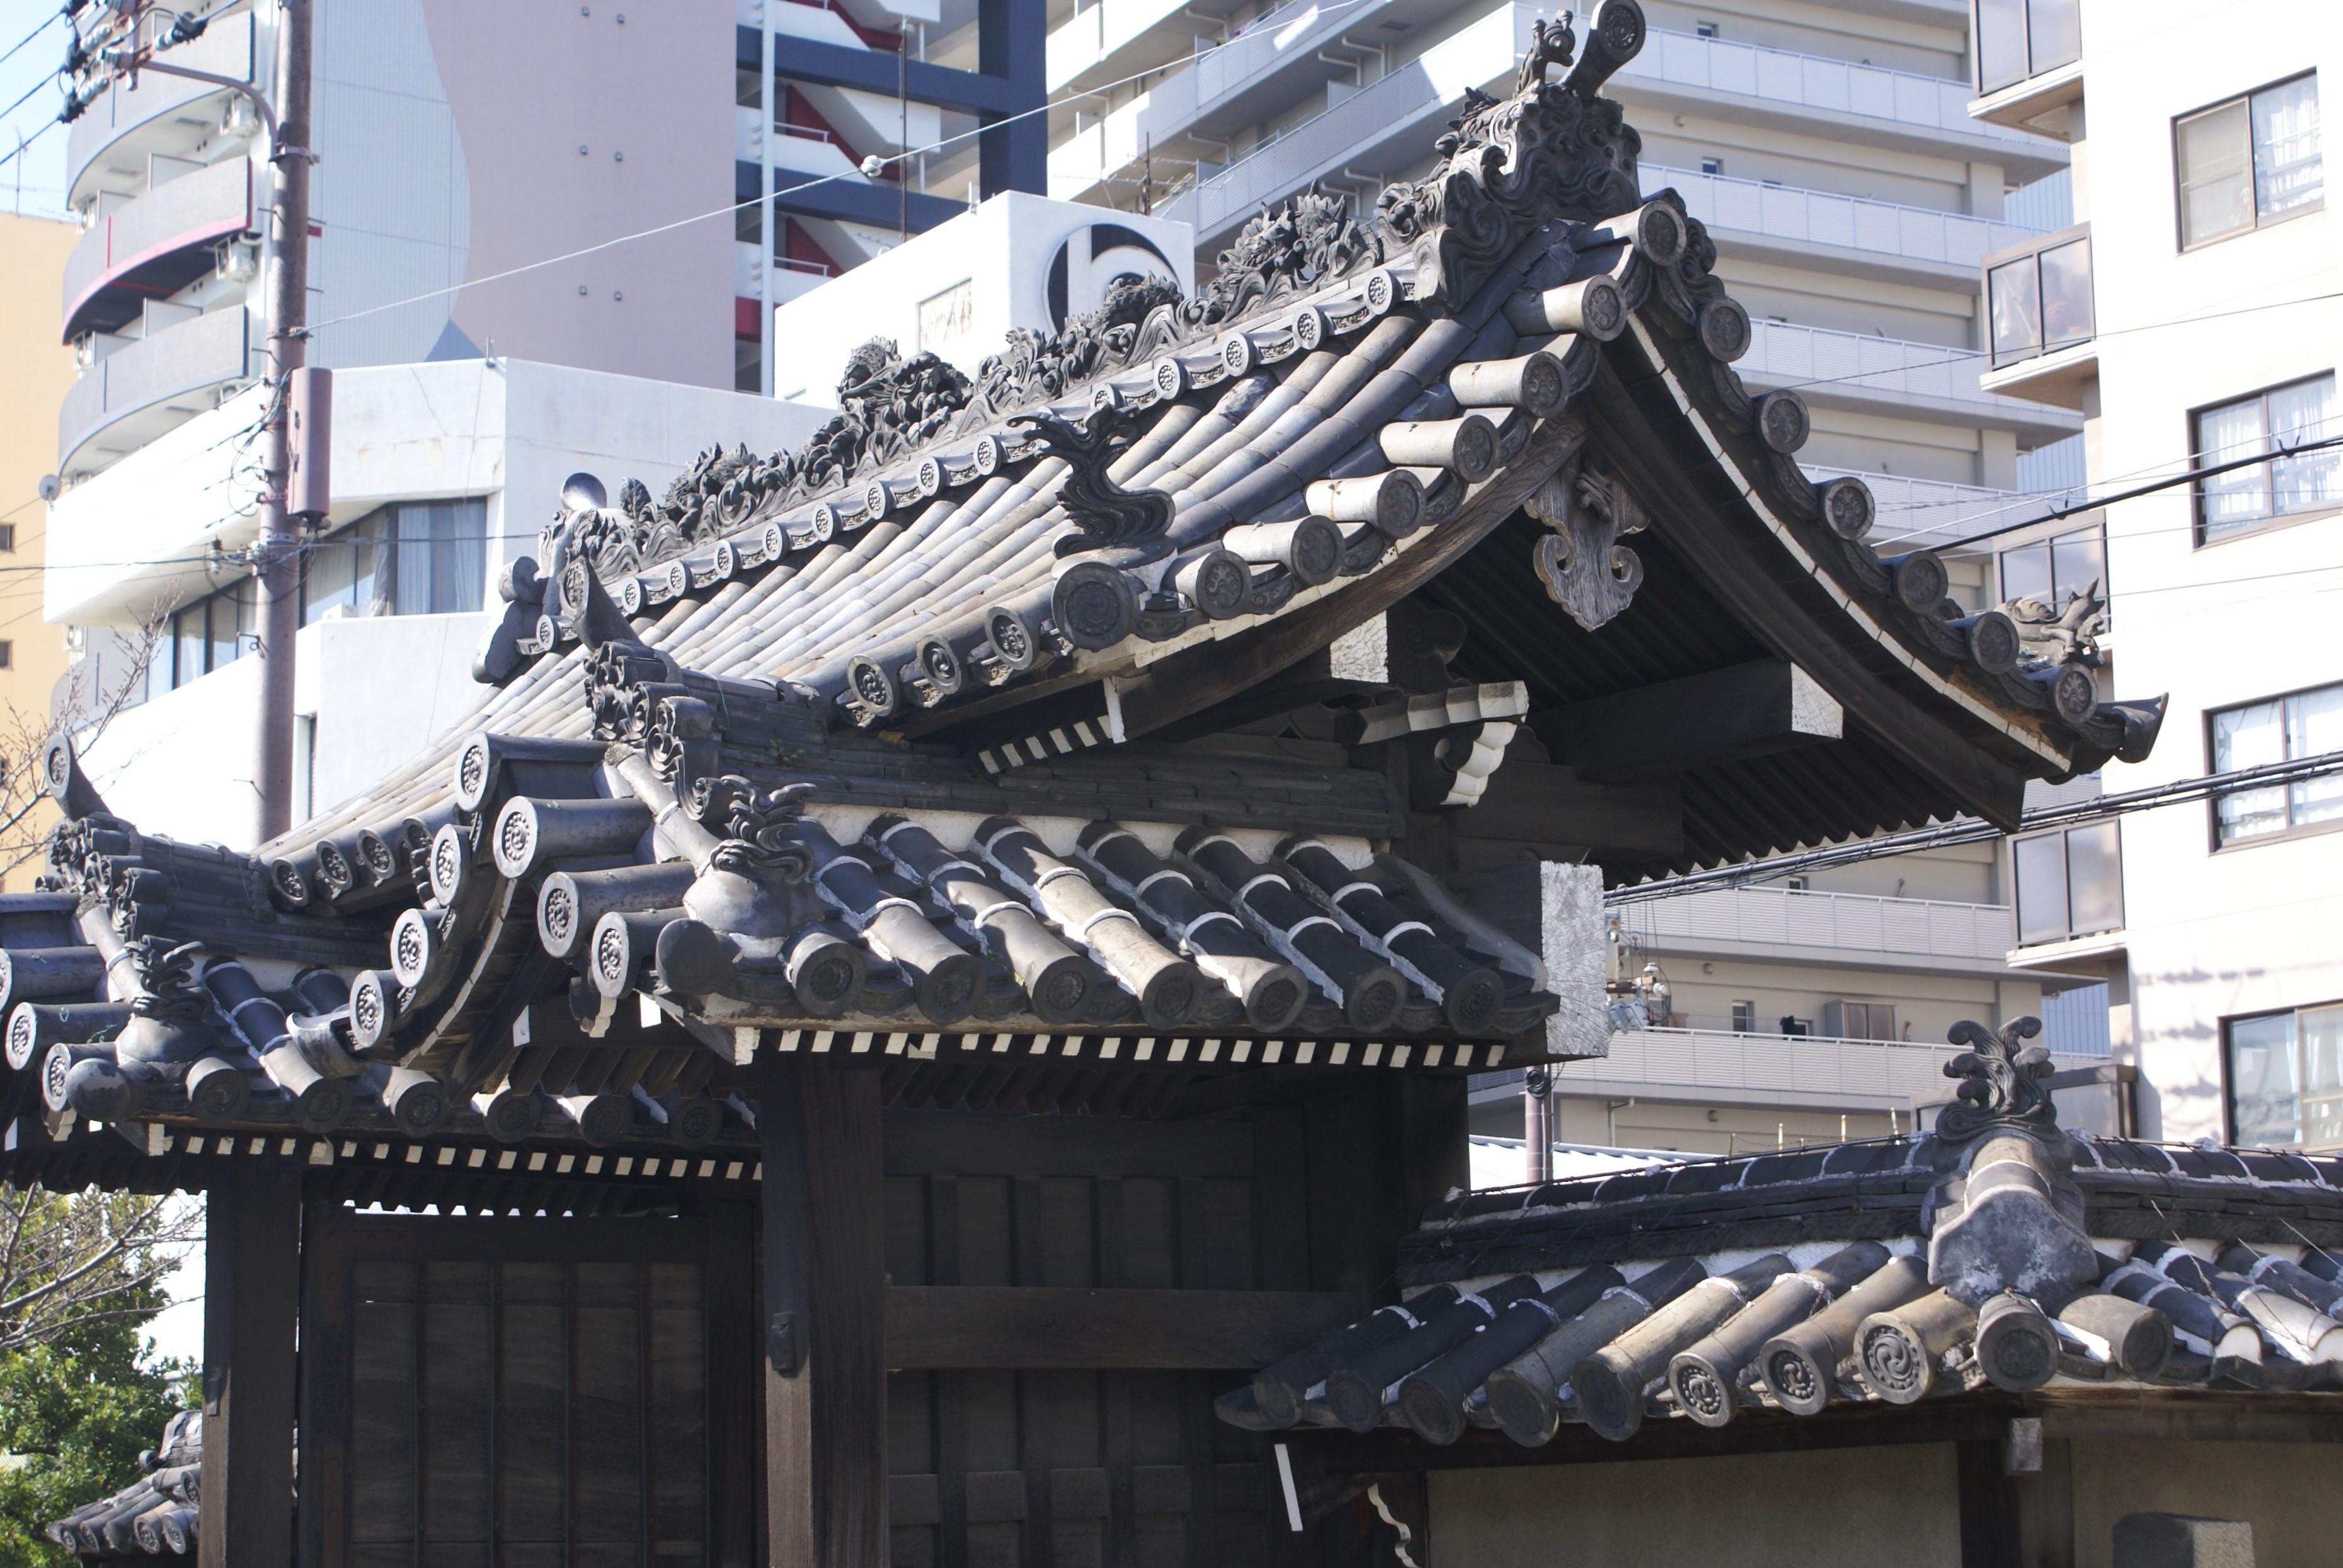 <p>3か所の屋根をみる</p>高麗門は、上から見ると屋根が「コの字」をなしている。屋根の重厚感をなくし簡素な形状にするためだともいわれている。<br />